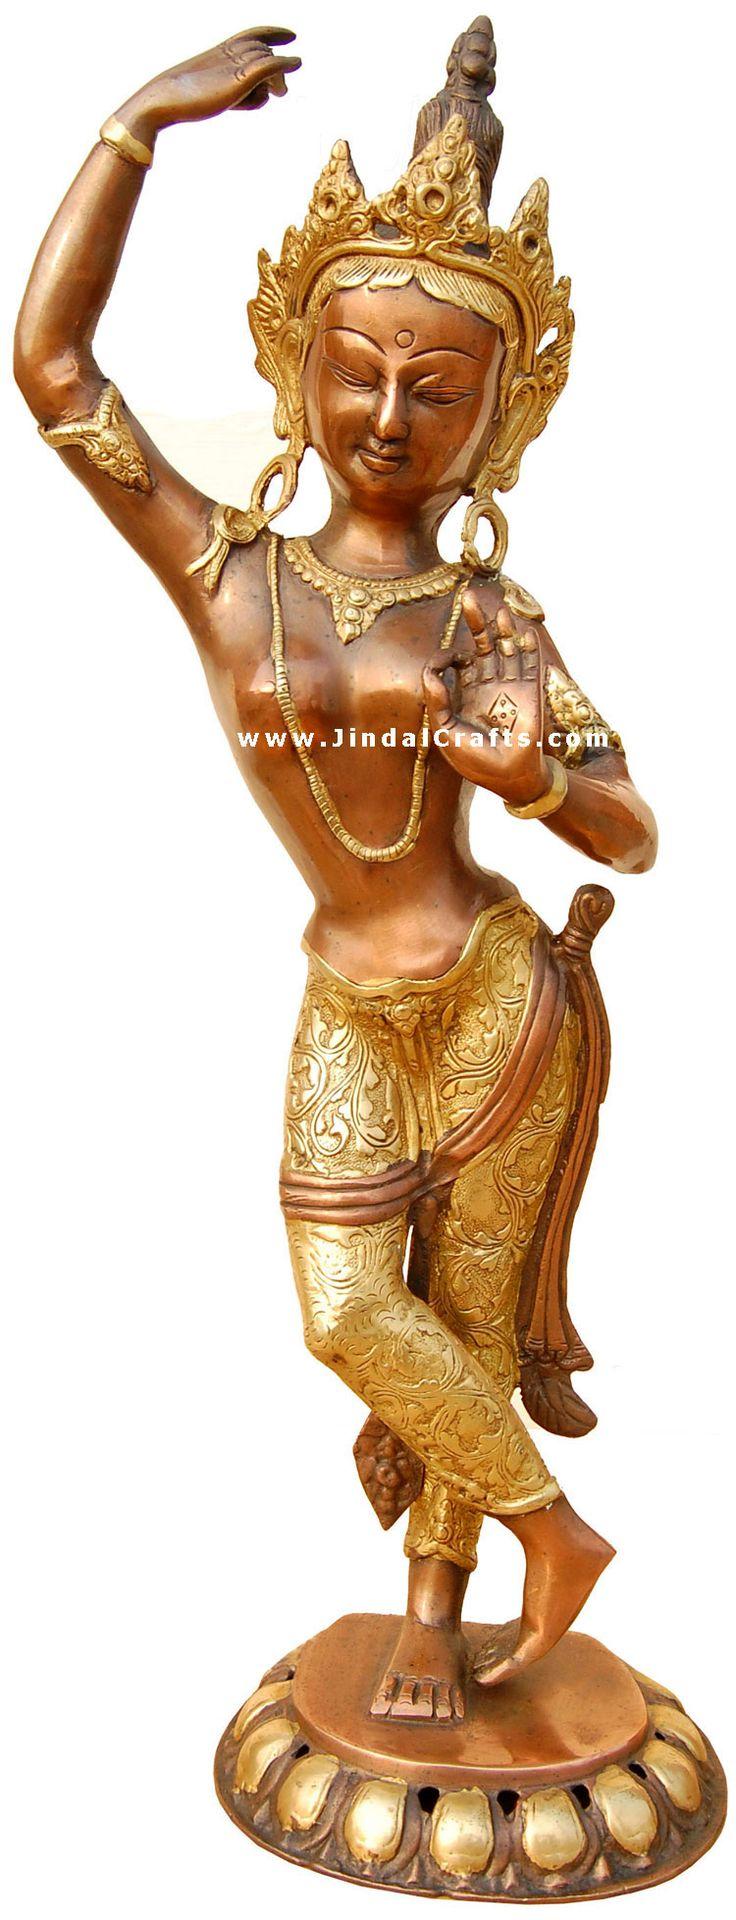 images buddist godess tara   Buddhist Goddess Tara Sculpture Statue Idol Antique Art Handmade Brass ...